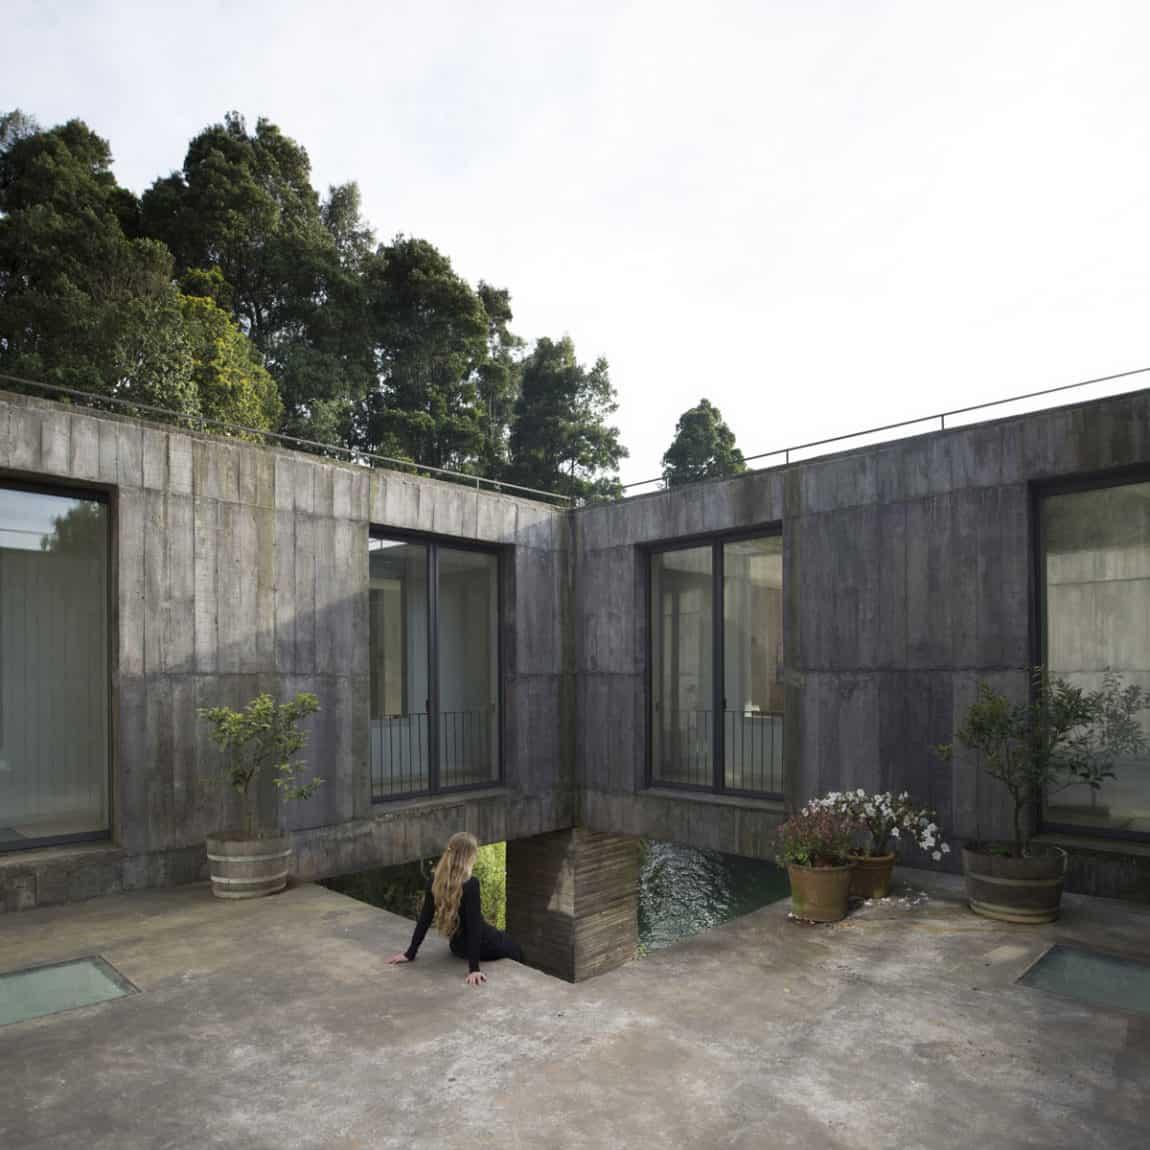 Guna House by Pezo von Ellrichshausen (5)